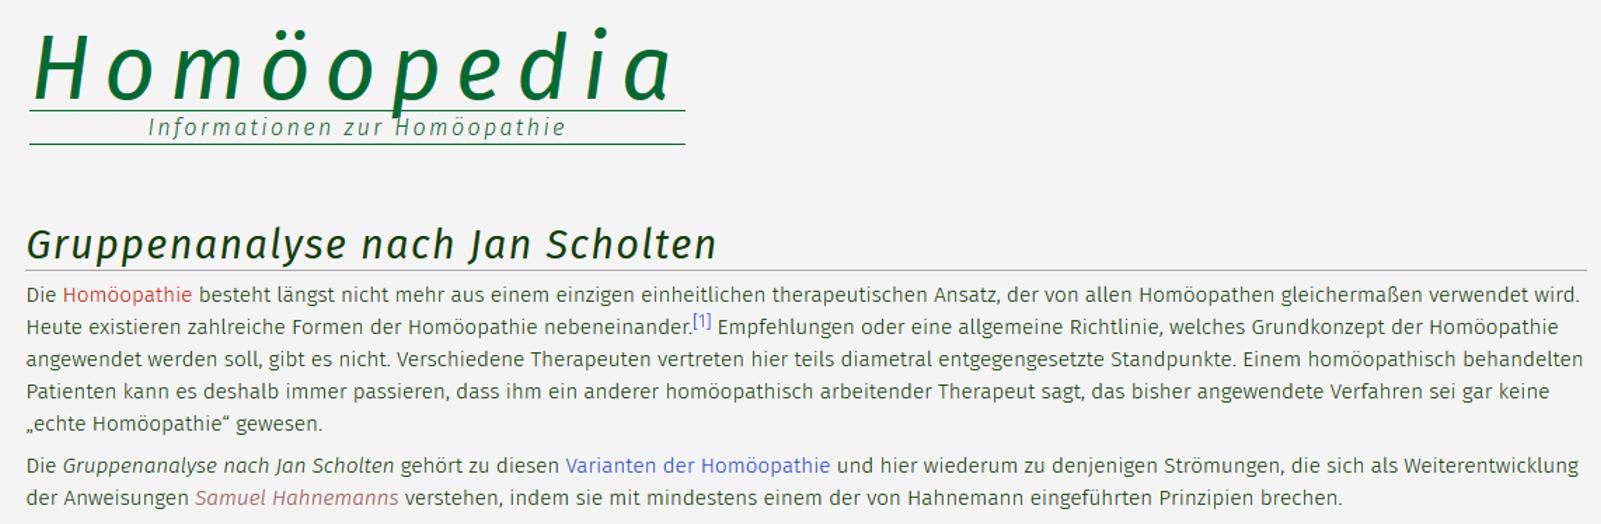 Neu In Der Homöopedia Wie Ein Homöopath Mal Eben So Das